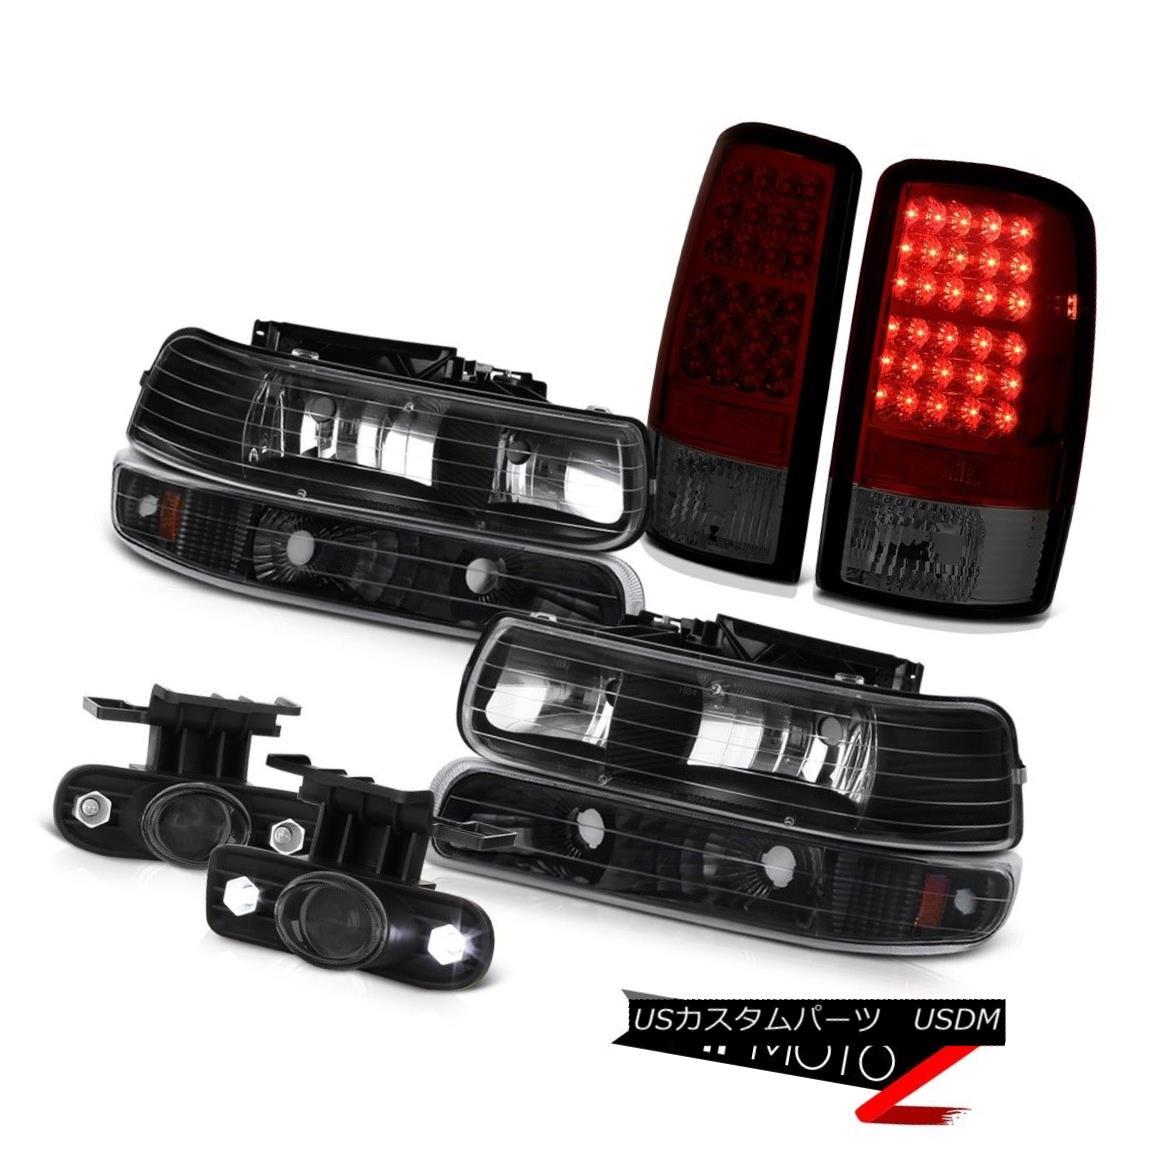 ヘッドライト 00-06 Tahoe 5.3L Left Right Headlamps Turn Signal LED Taillights Projector Fog 00-06タホー5.3L左ライトヘッドランプターンシグナルLEDターンライトプロジェクターフォグ